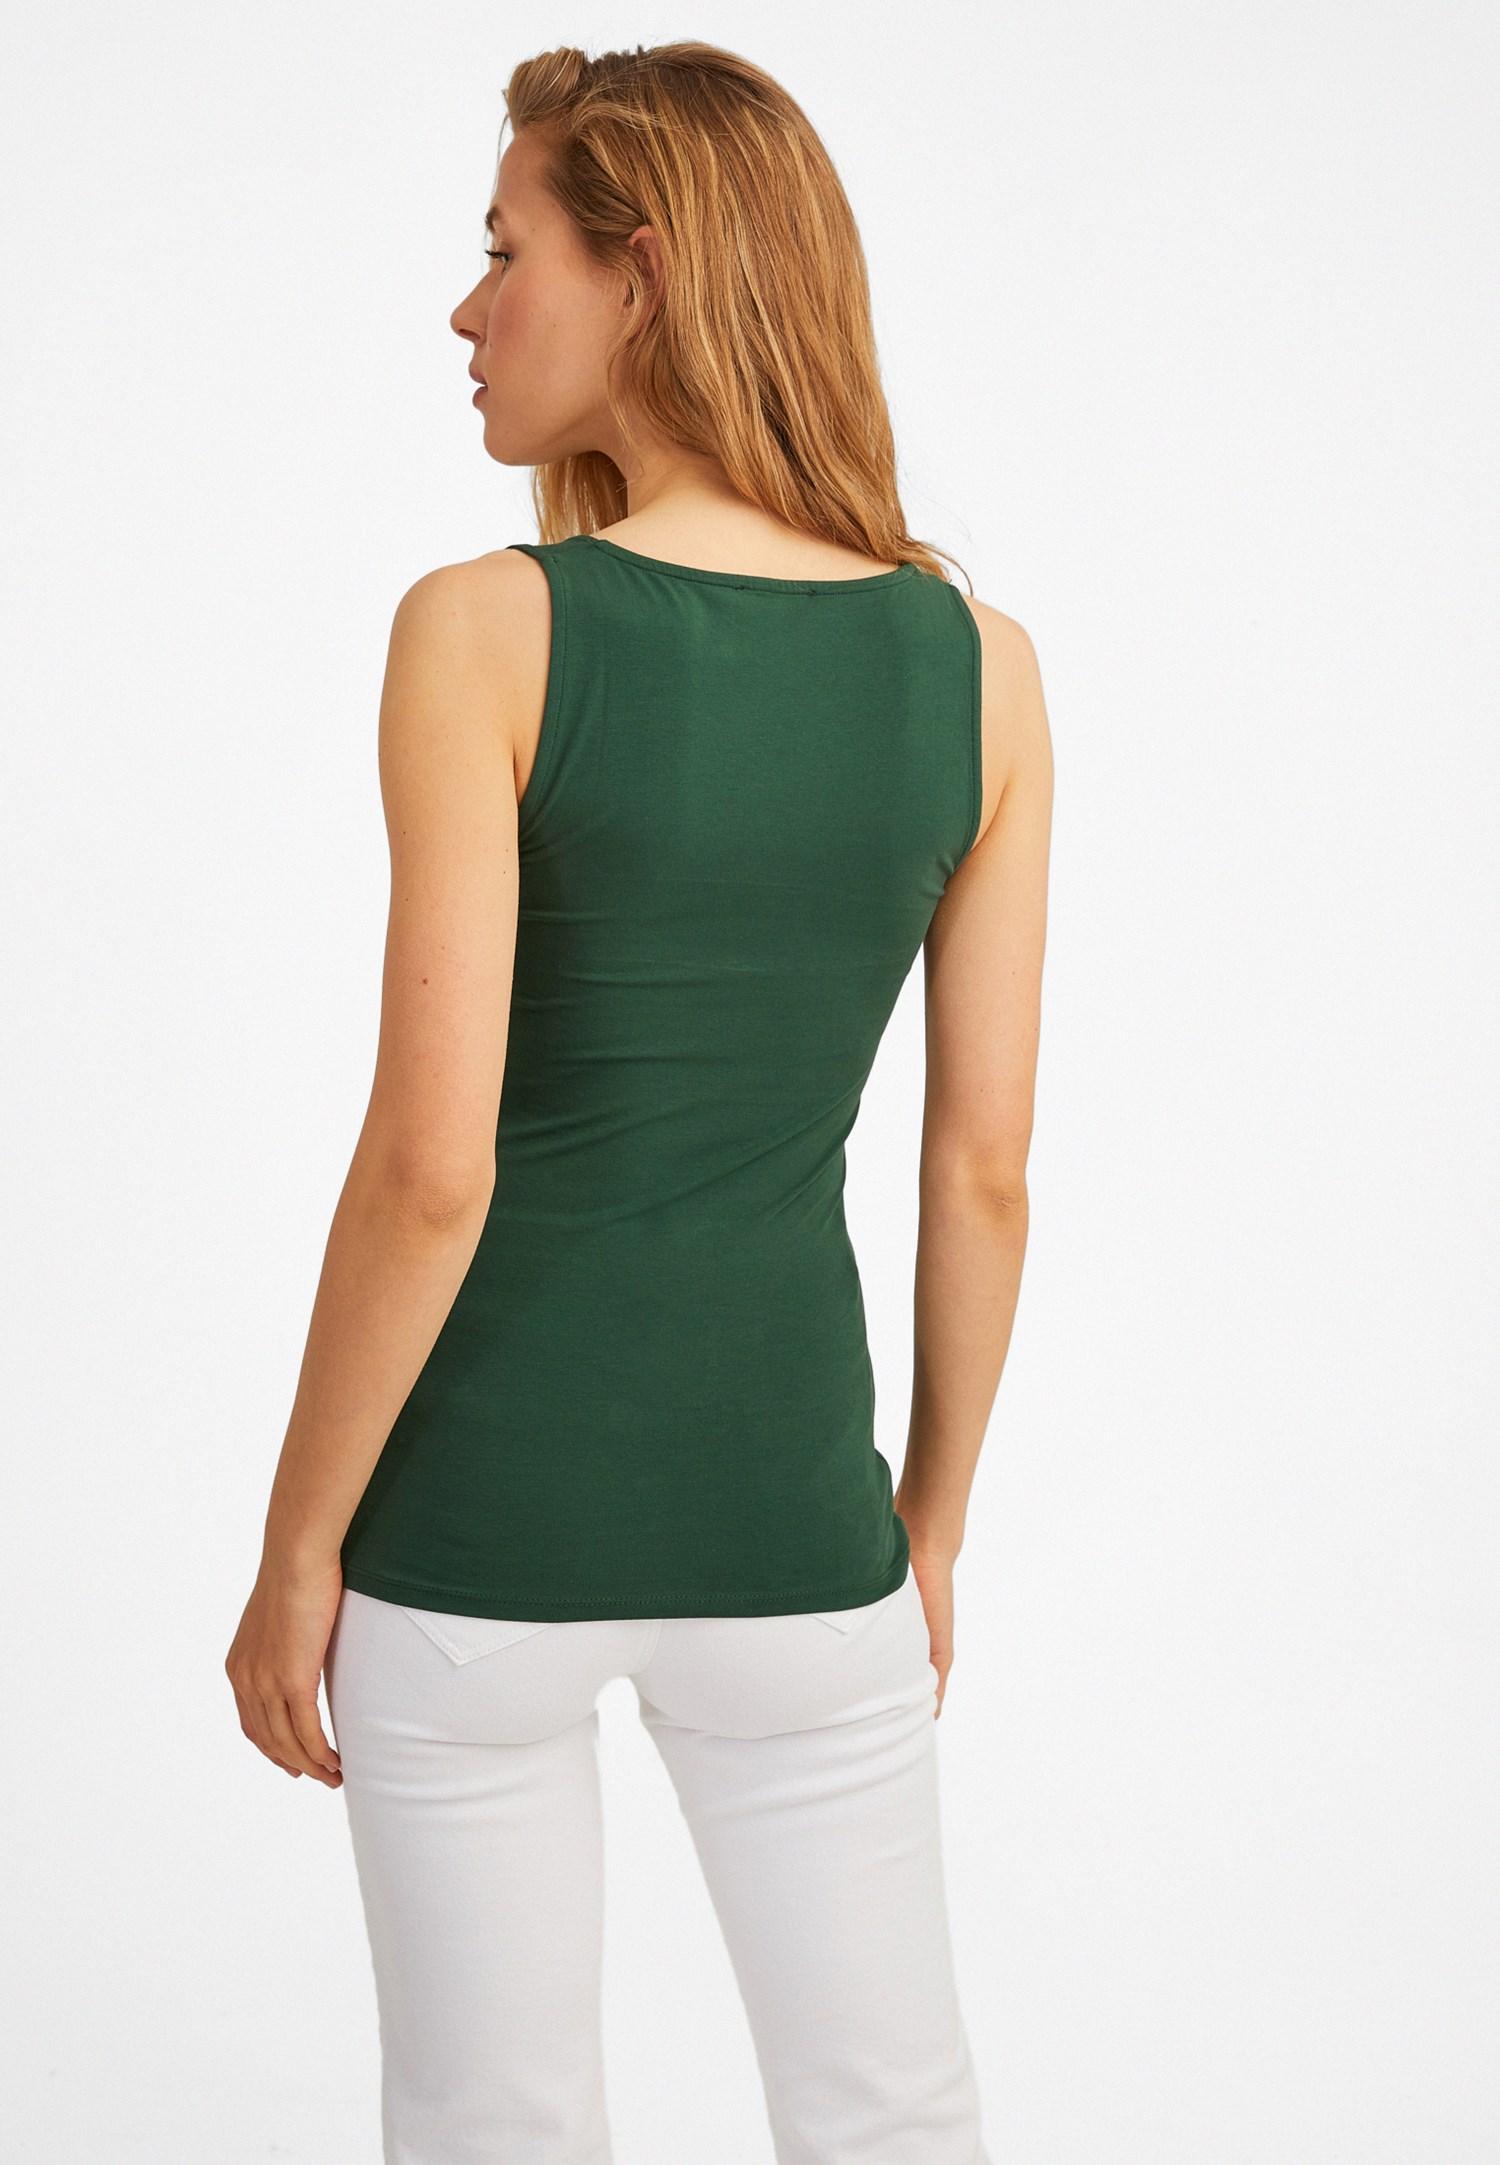 Bayan Yeşil Kalın Askılı Kare Yaka Atlet